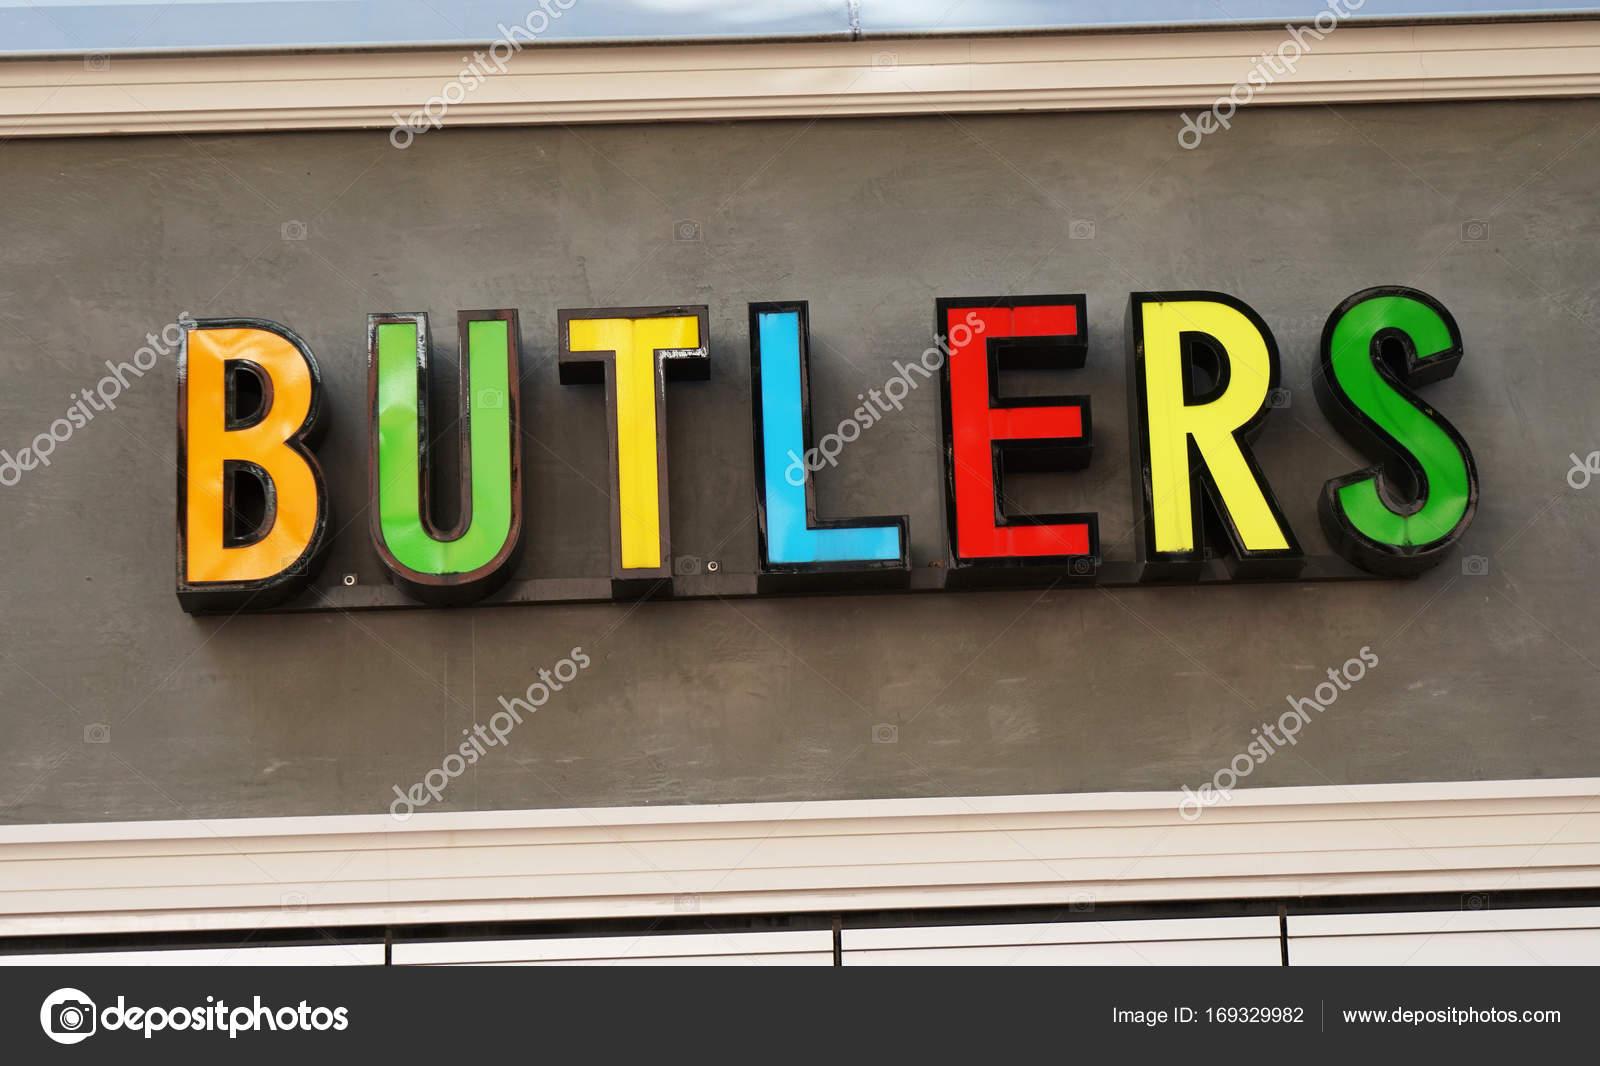 Entreprise De Detail Allemand Butlers Vend Accessoires Pour La